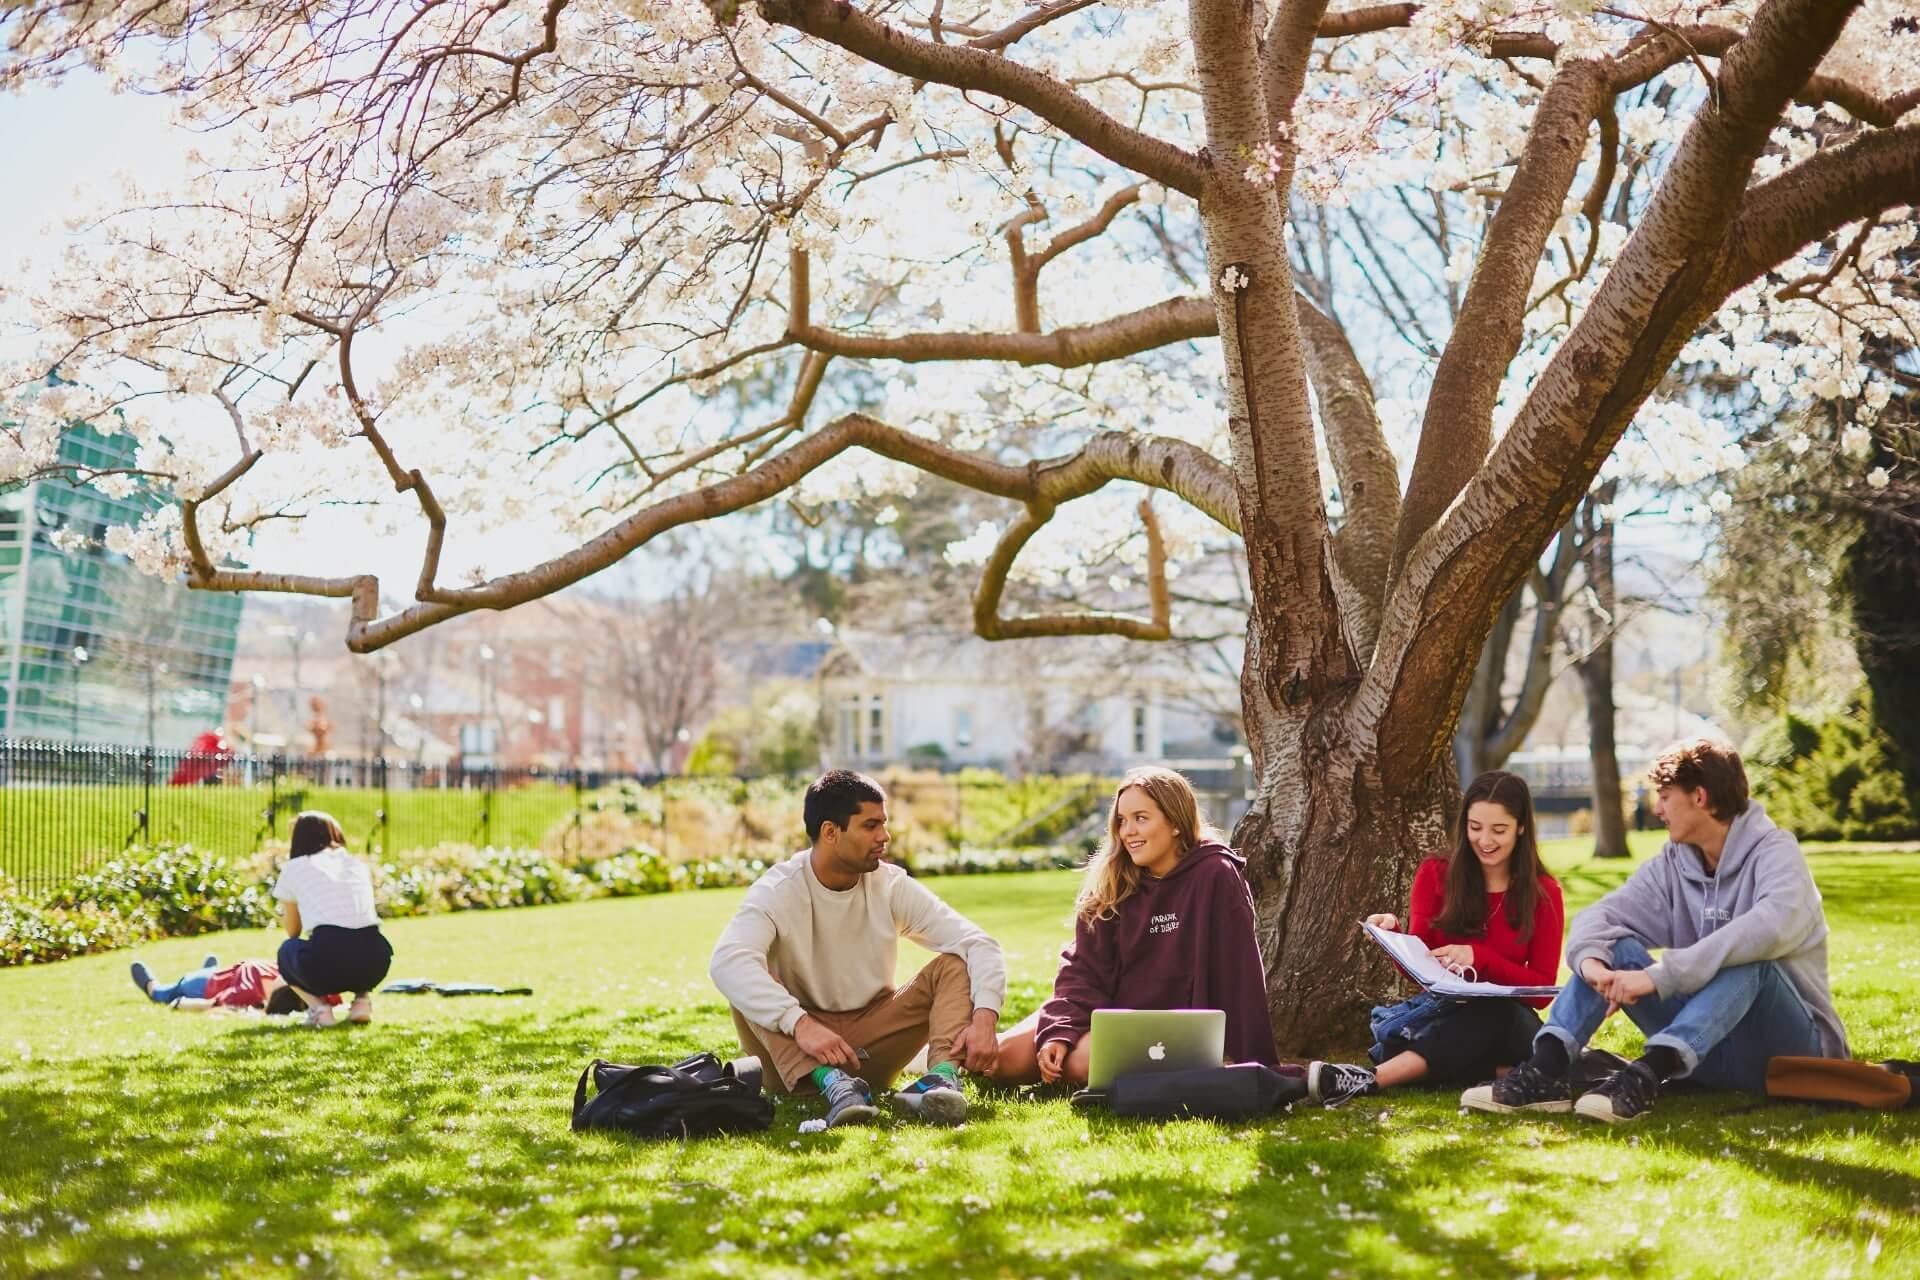 学生在校园注册表草坪上